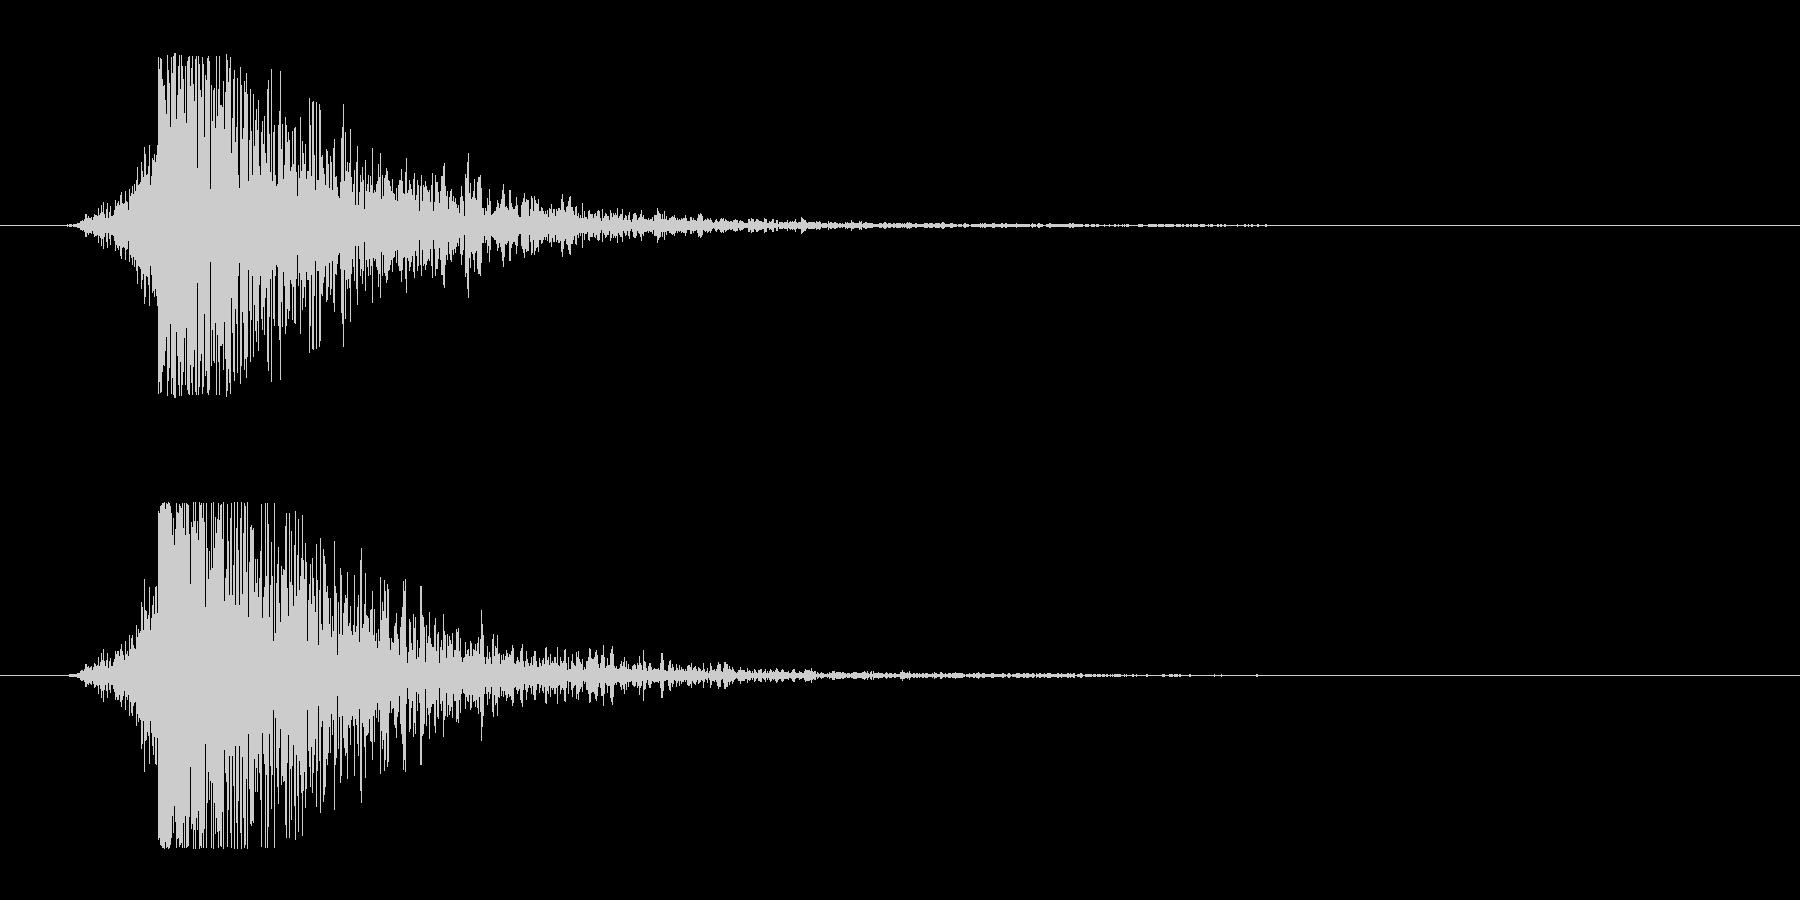 シュードーン-9(インパクト音)の未再生の波形